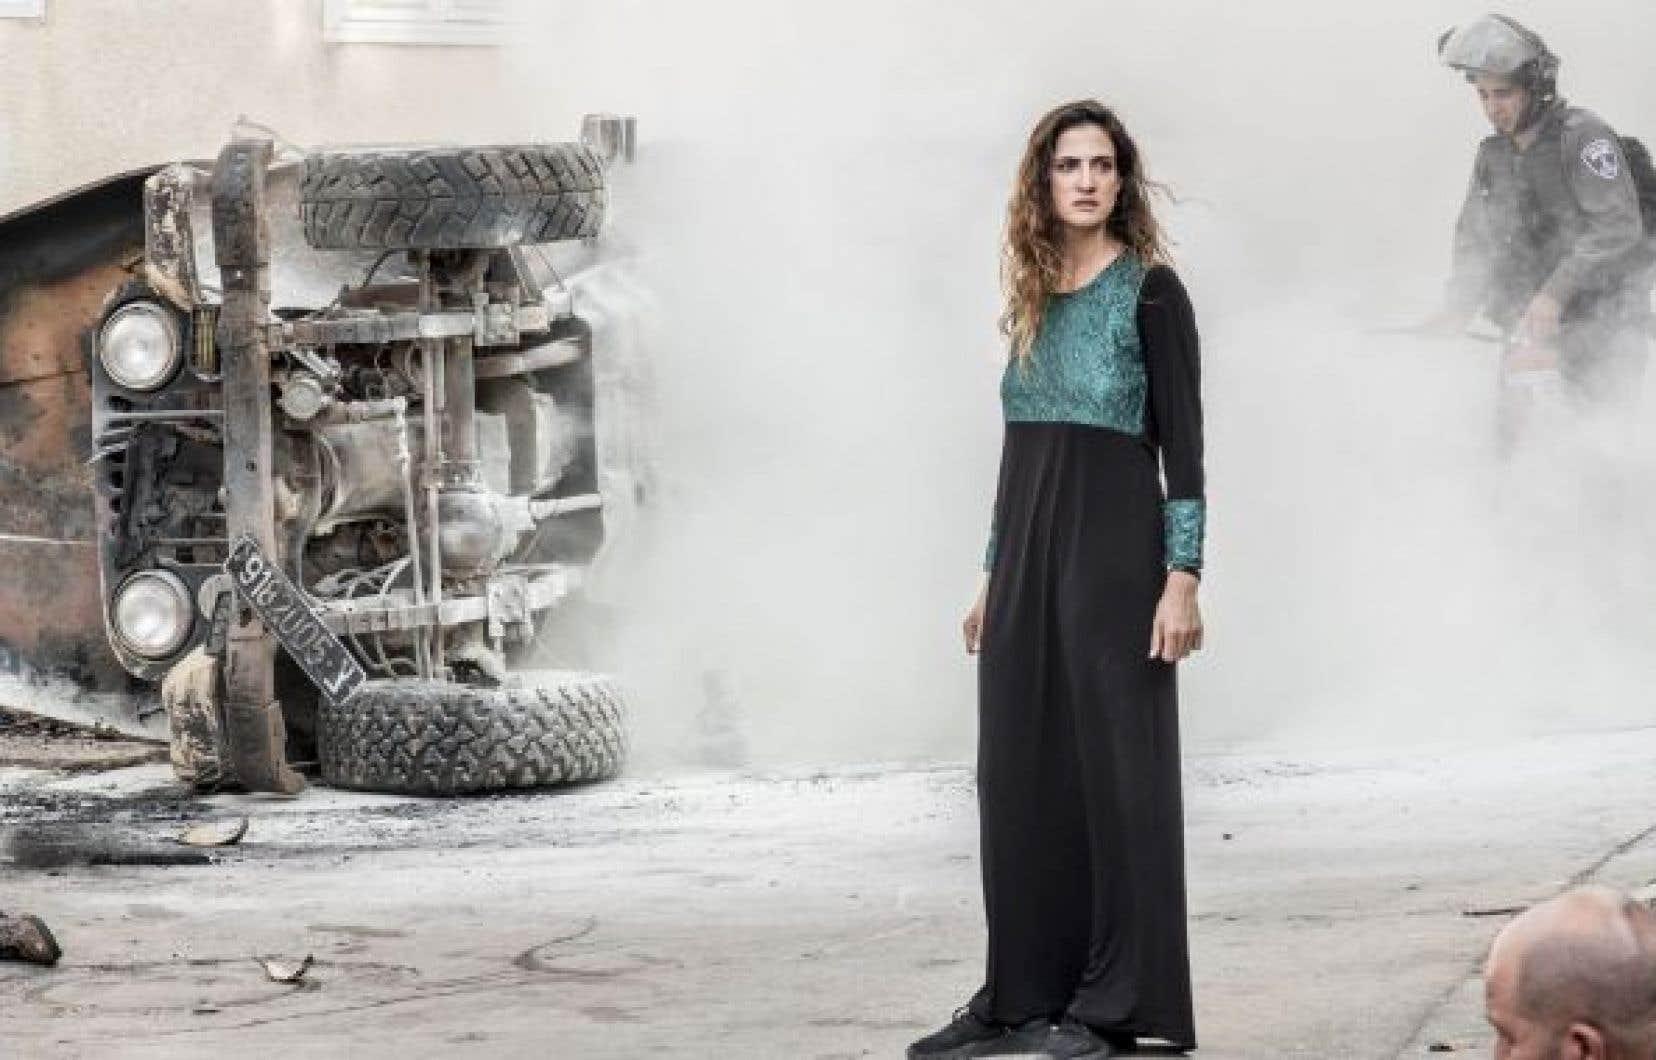 «Fauda» est une série télévisée israélienne, autour de l'unité de forces spéciales de l'armée de défense d'Israël Mista'arvim.